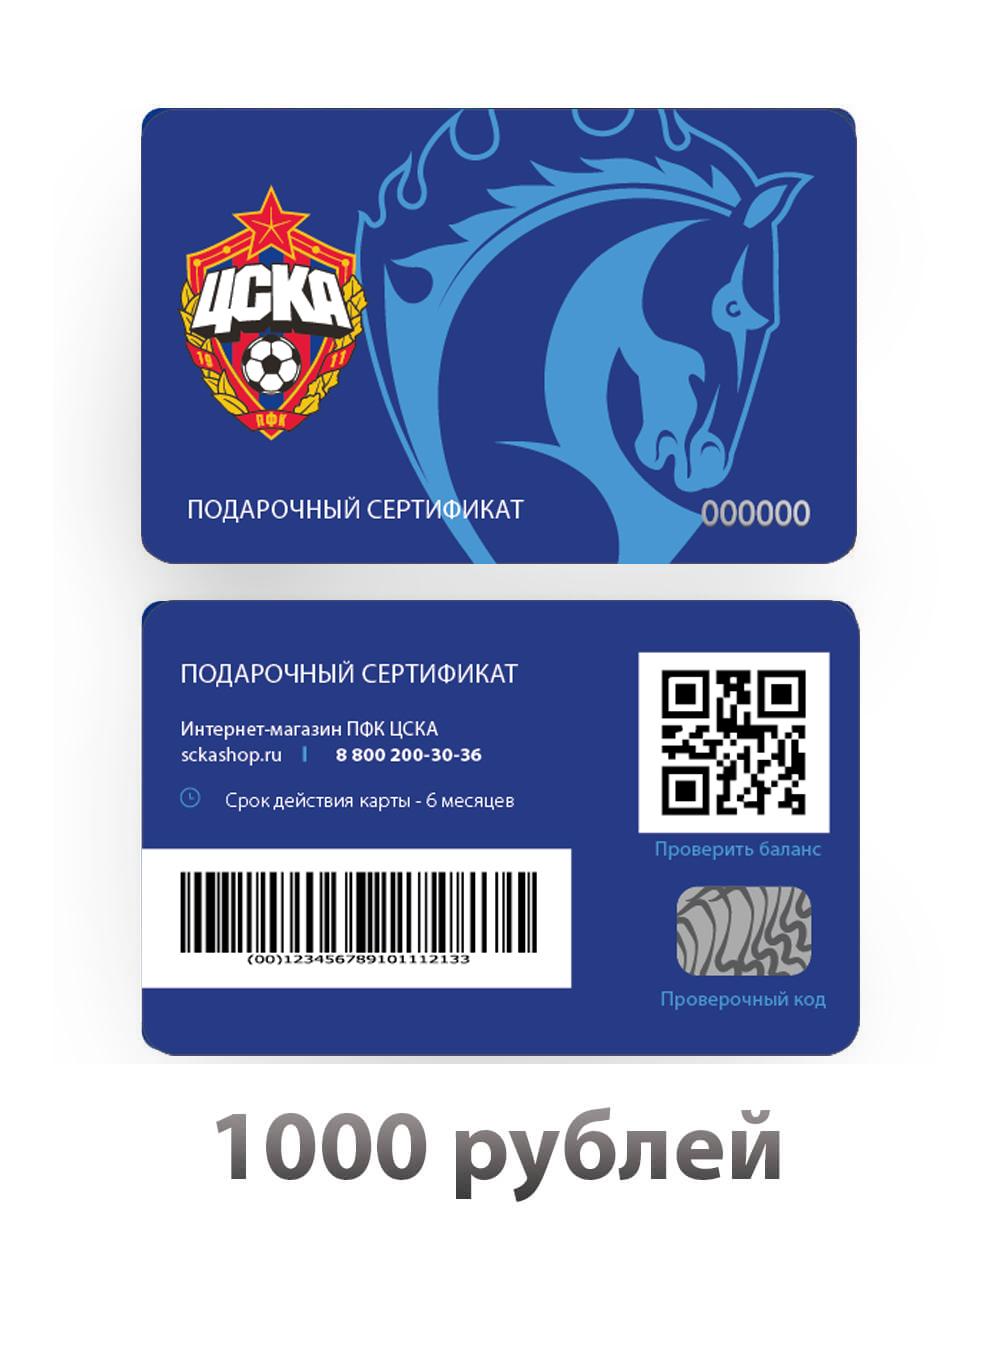 Купить Подарочный сертификат на 1000 рублей (Подарочная карта на 1000 рублей) по Нижнему Новгороду